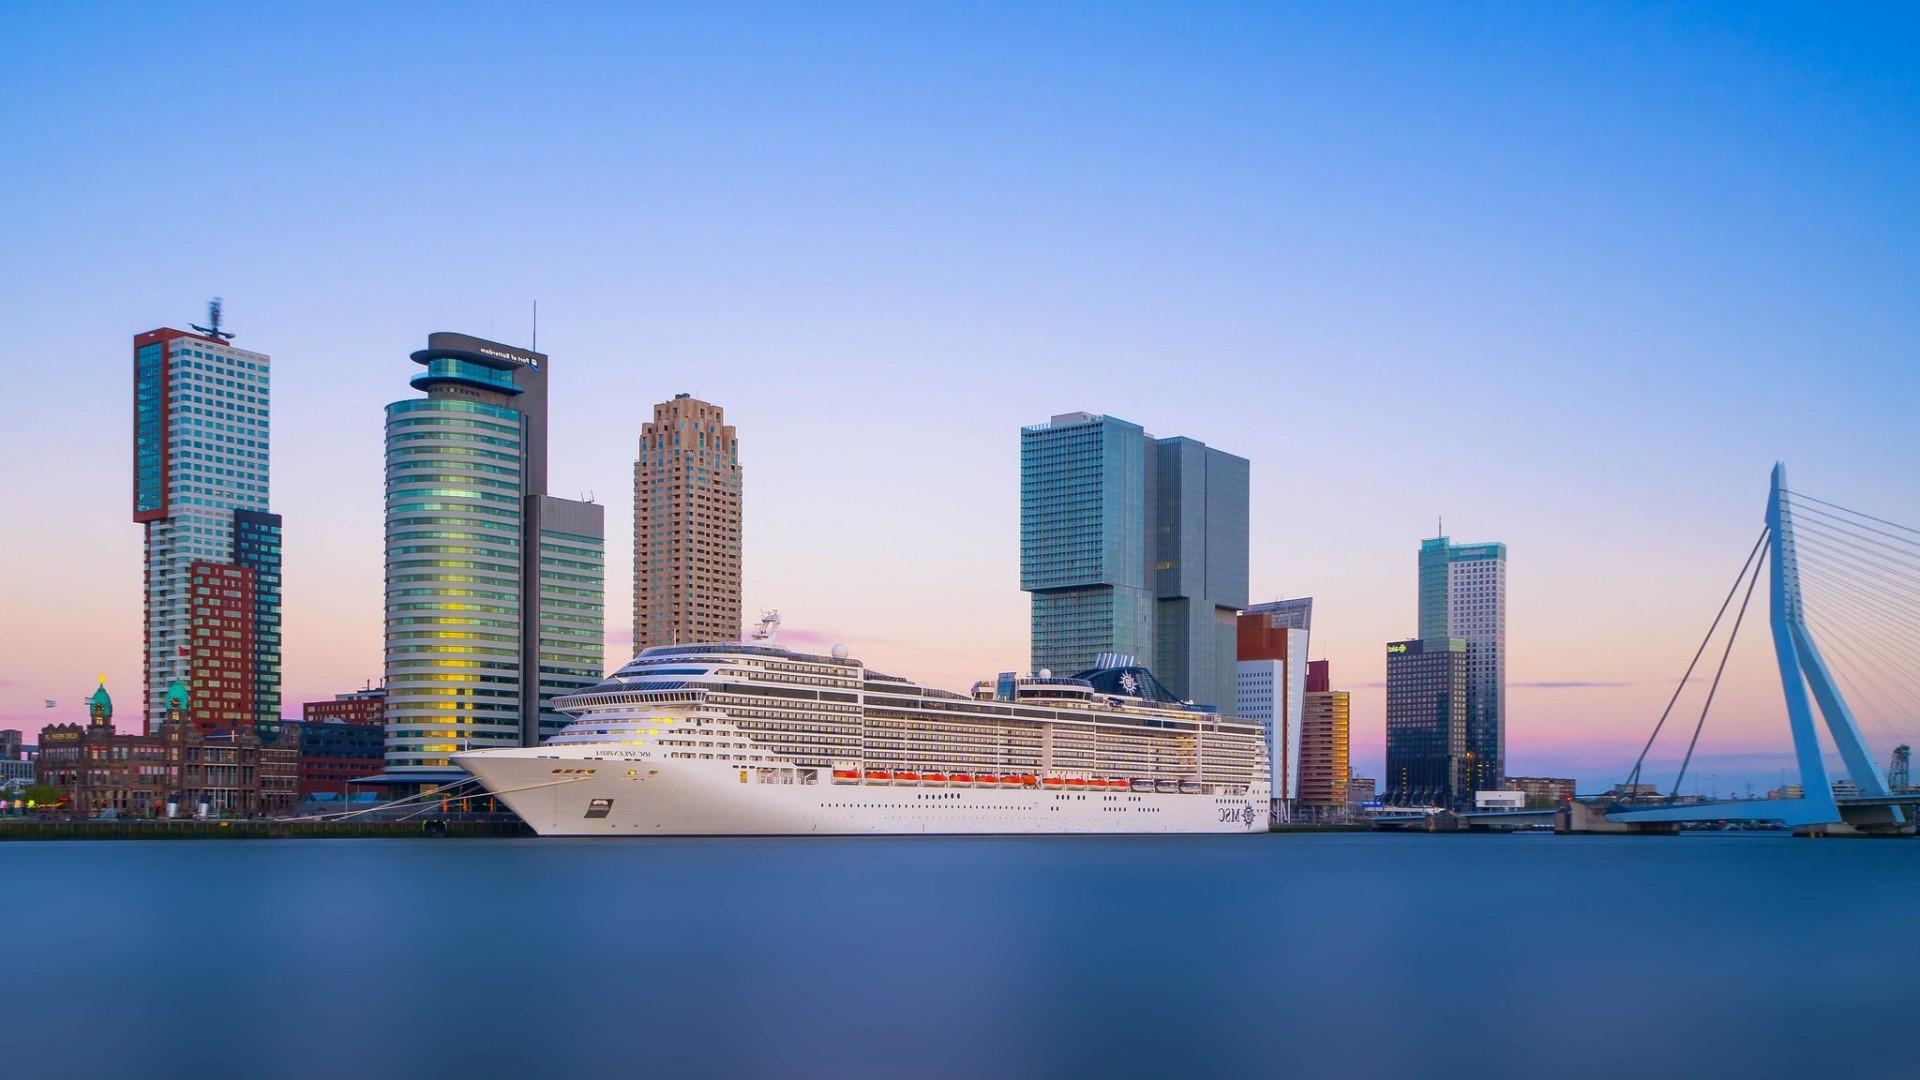 Skyscraper Wallpaper Hd Wallpaper Sea City Cityscape Reflection Vehicle